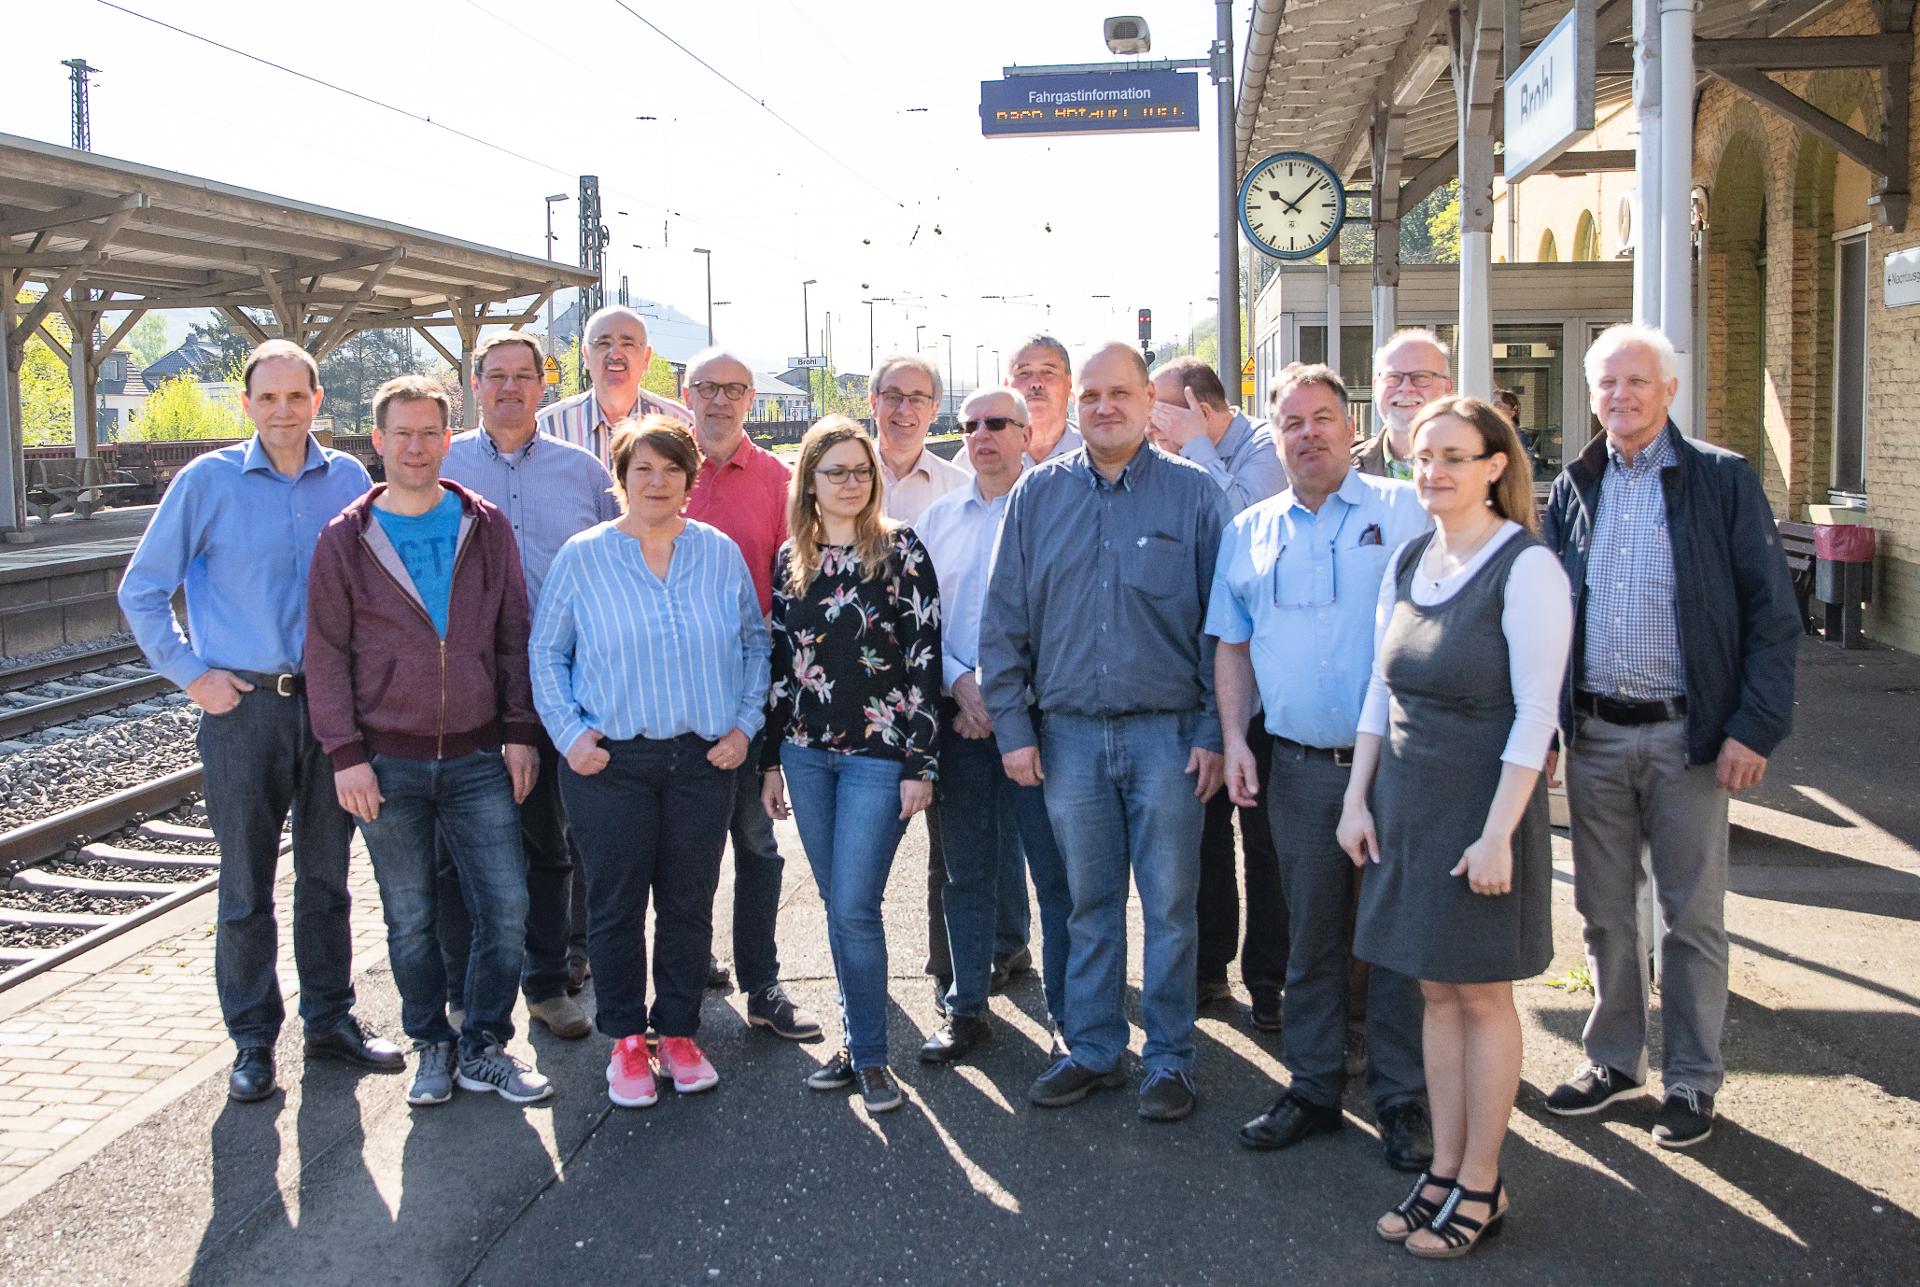 Zugausfälle der Mittelrhein-Bahn an der Rheinschiene auf Antrag der FWG-Fraktion Thema im Kreis- und Umweltausschuss